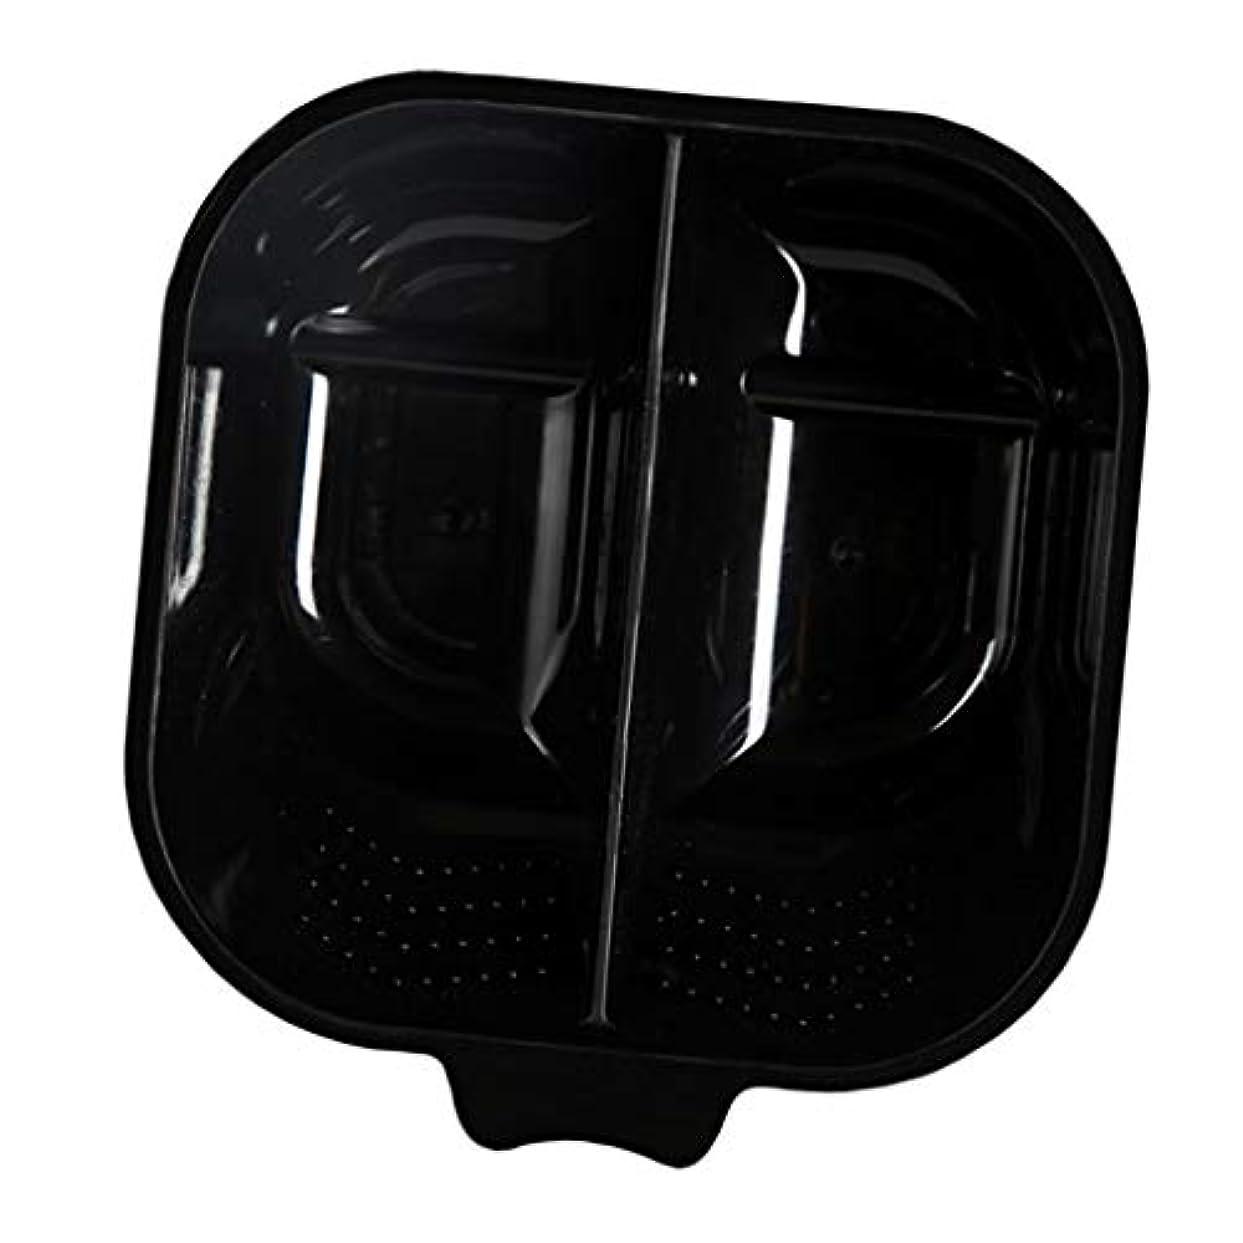 テレックス仕事に行くそれに応じてヘアカップ ヘアカラーボウル ヘアダイカップ 染料 混合ボール 滑り止め サロン 自宅 便利 全3色 - ブラック